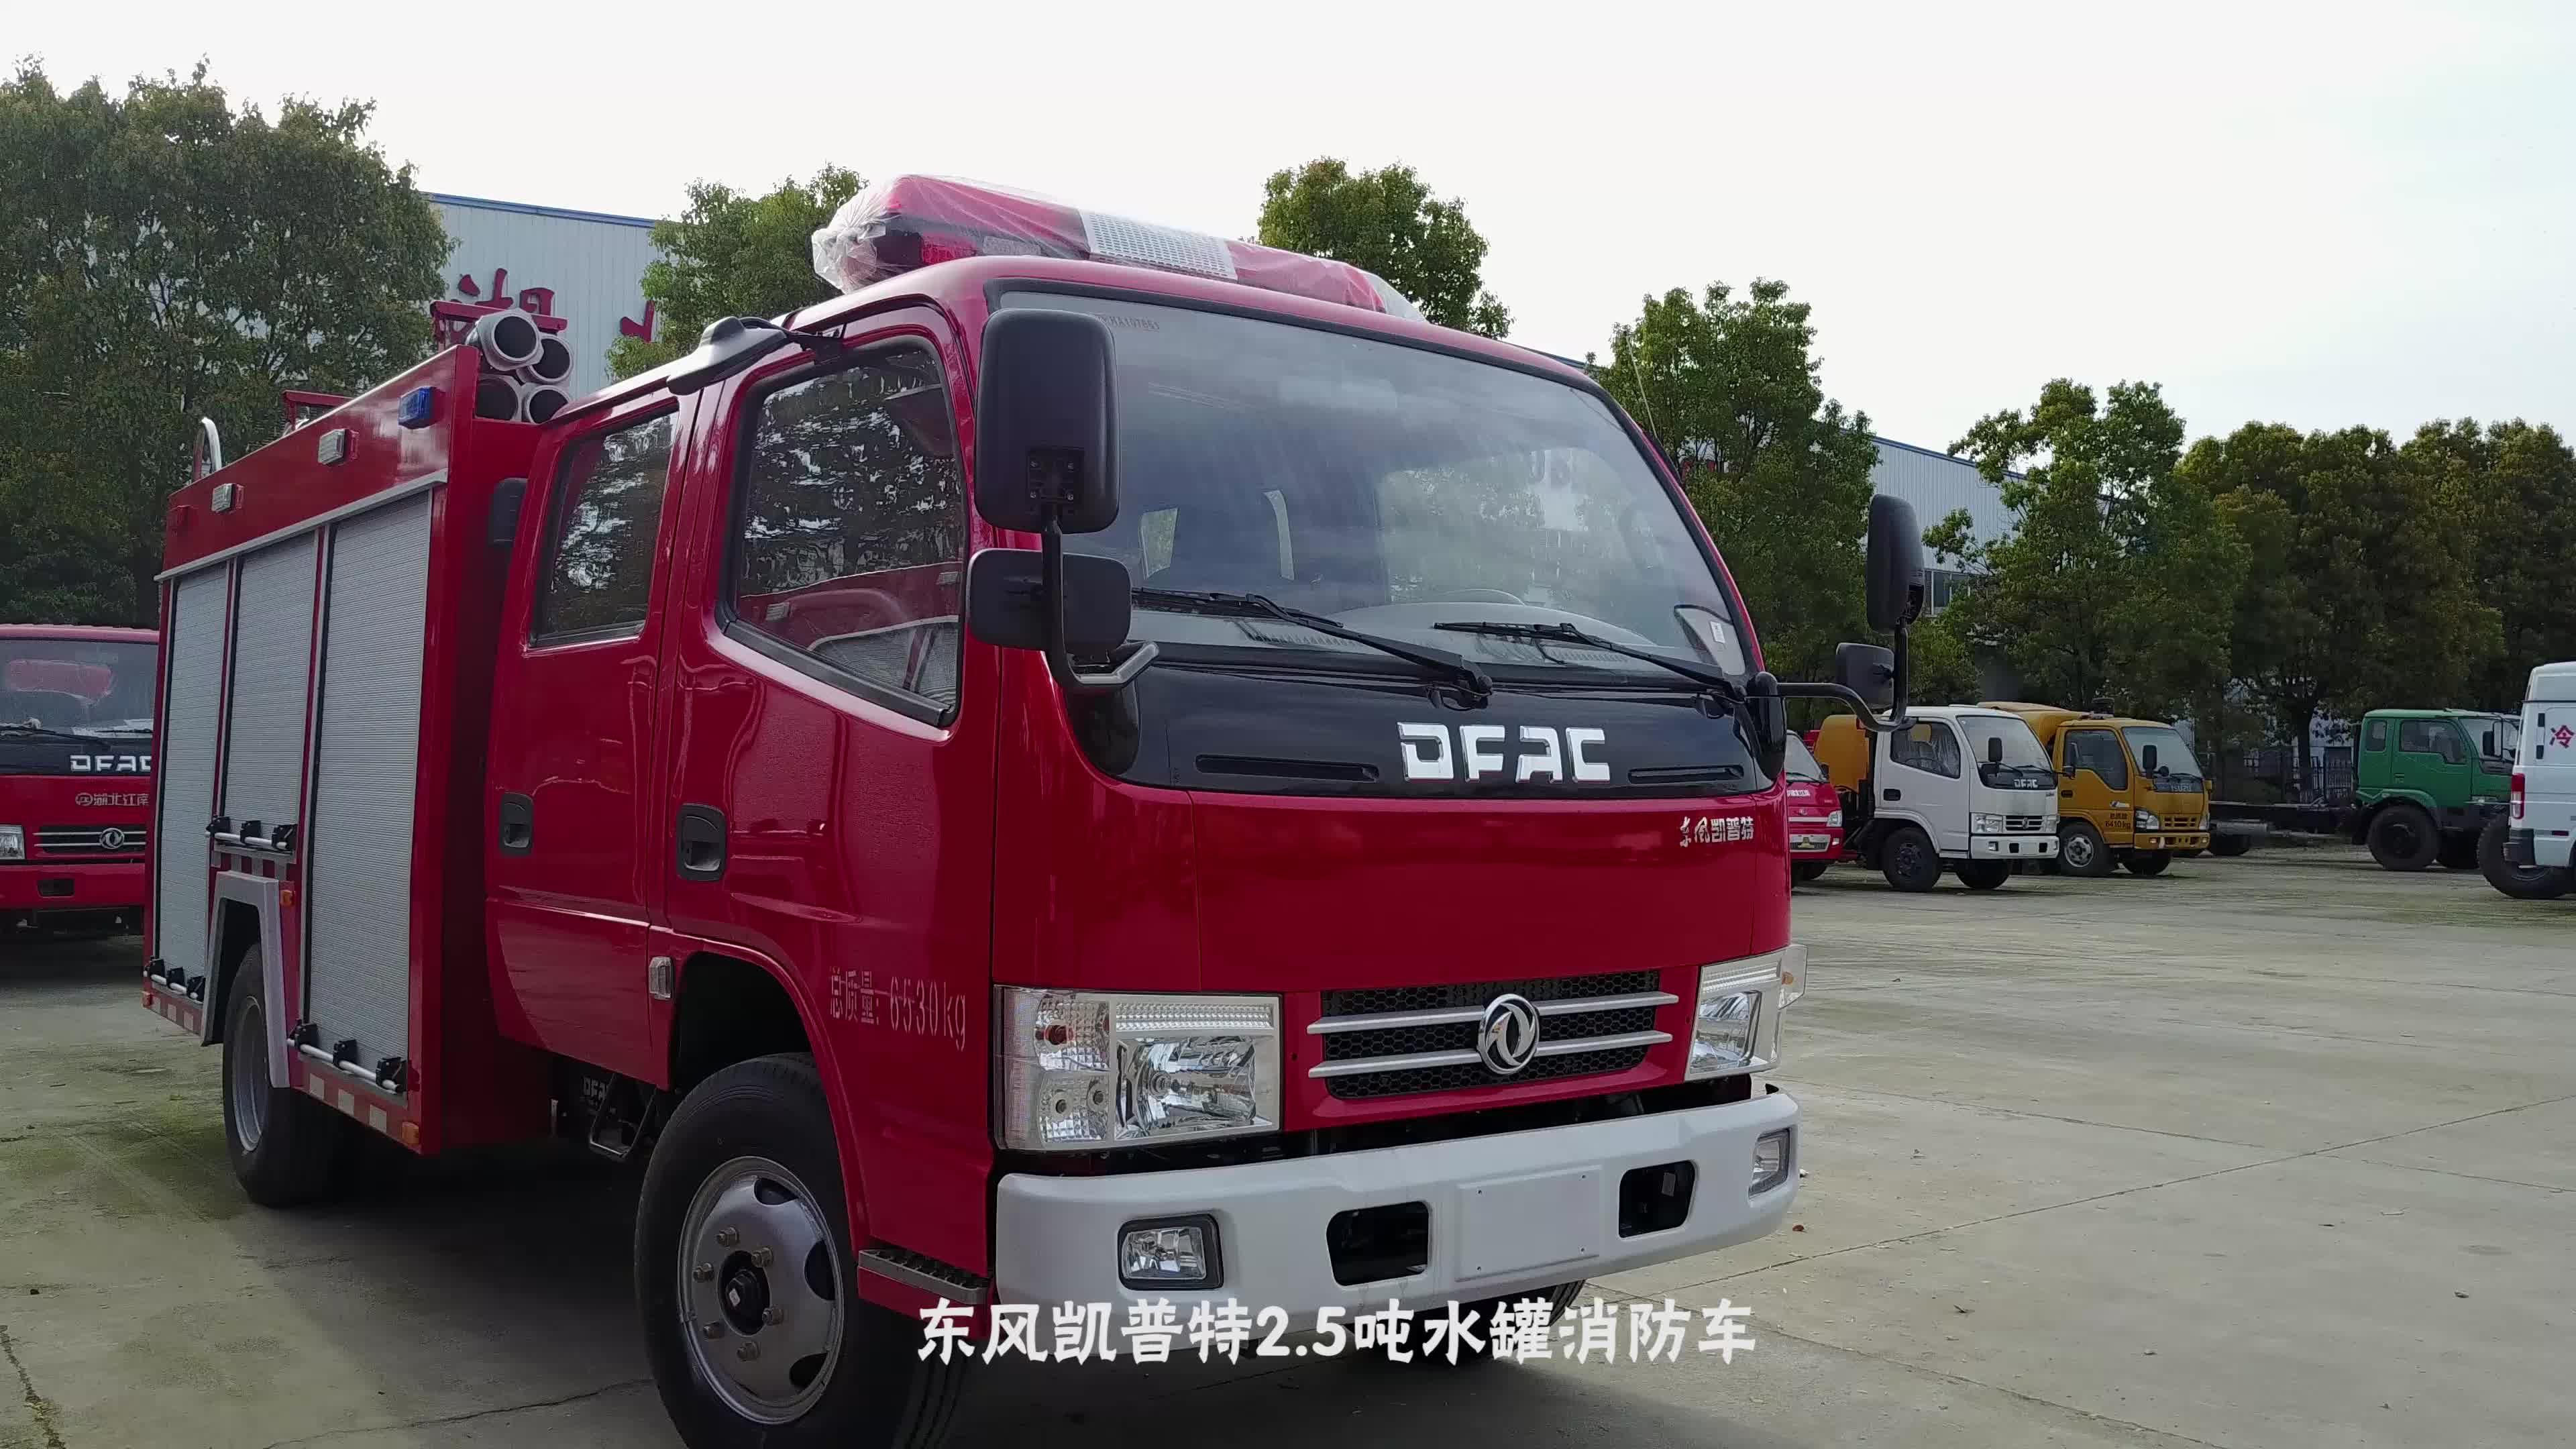 东风多利卡2吨水罐消防车视频展示